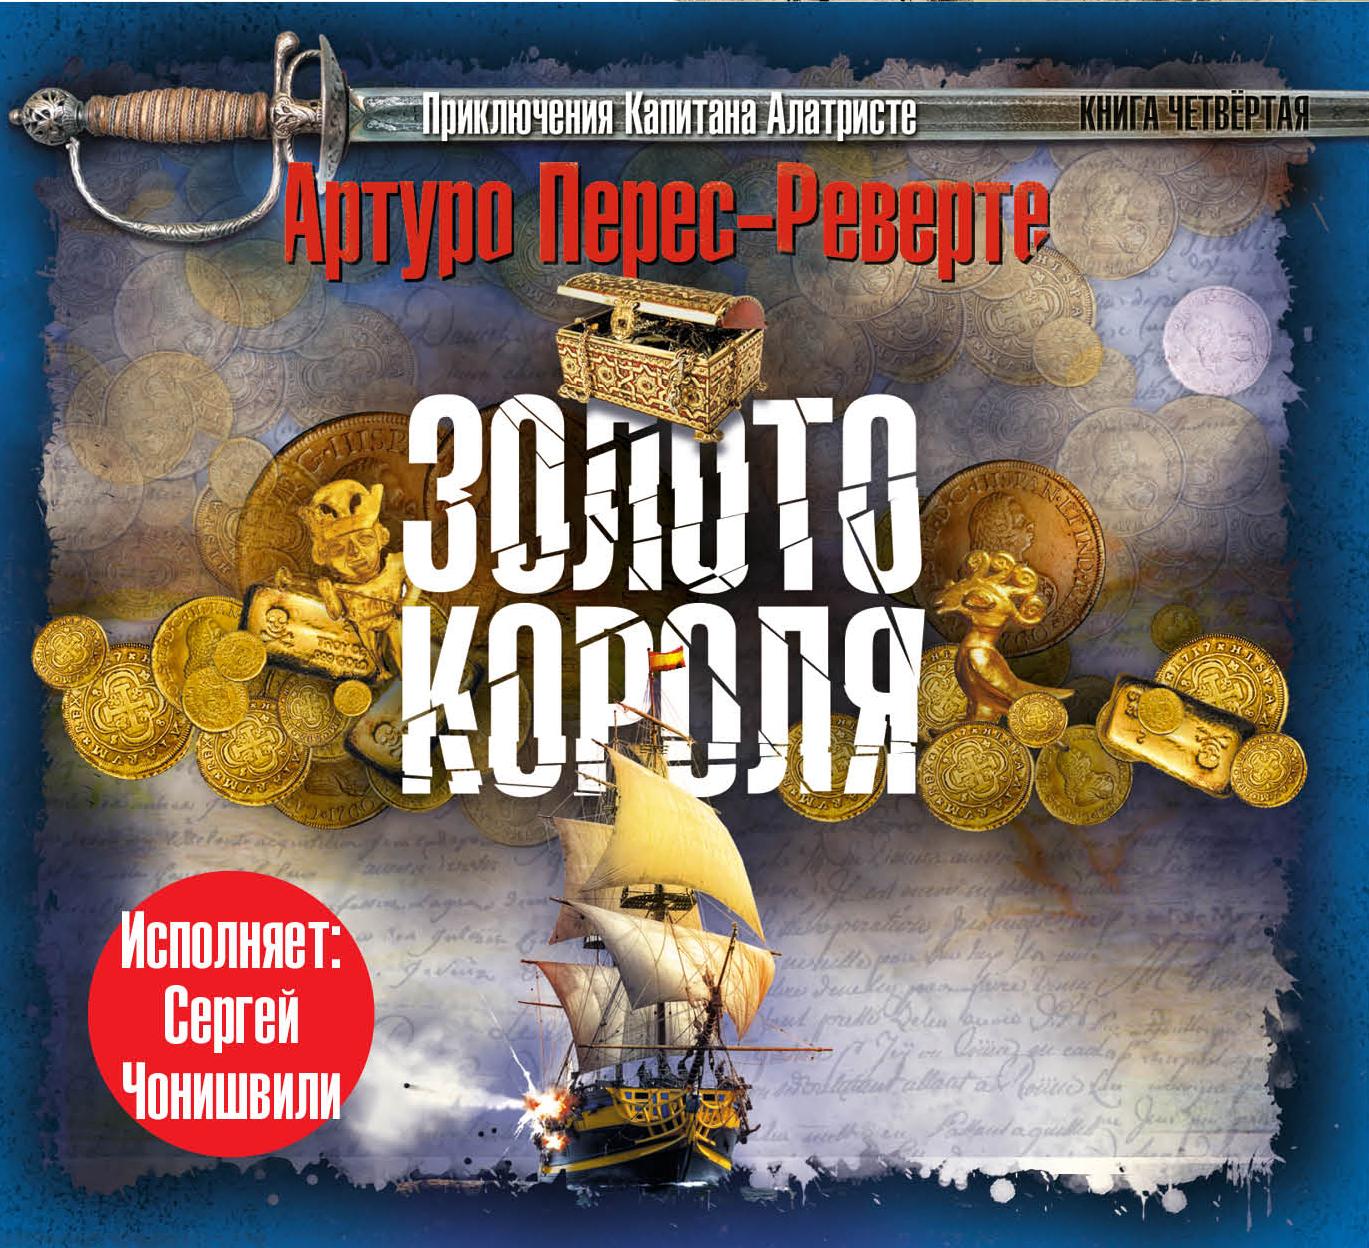 Электронная книга «Золото короля» – Артуро Перес-Реверте